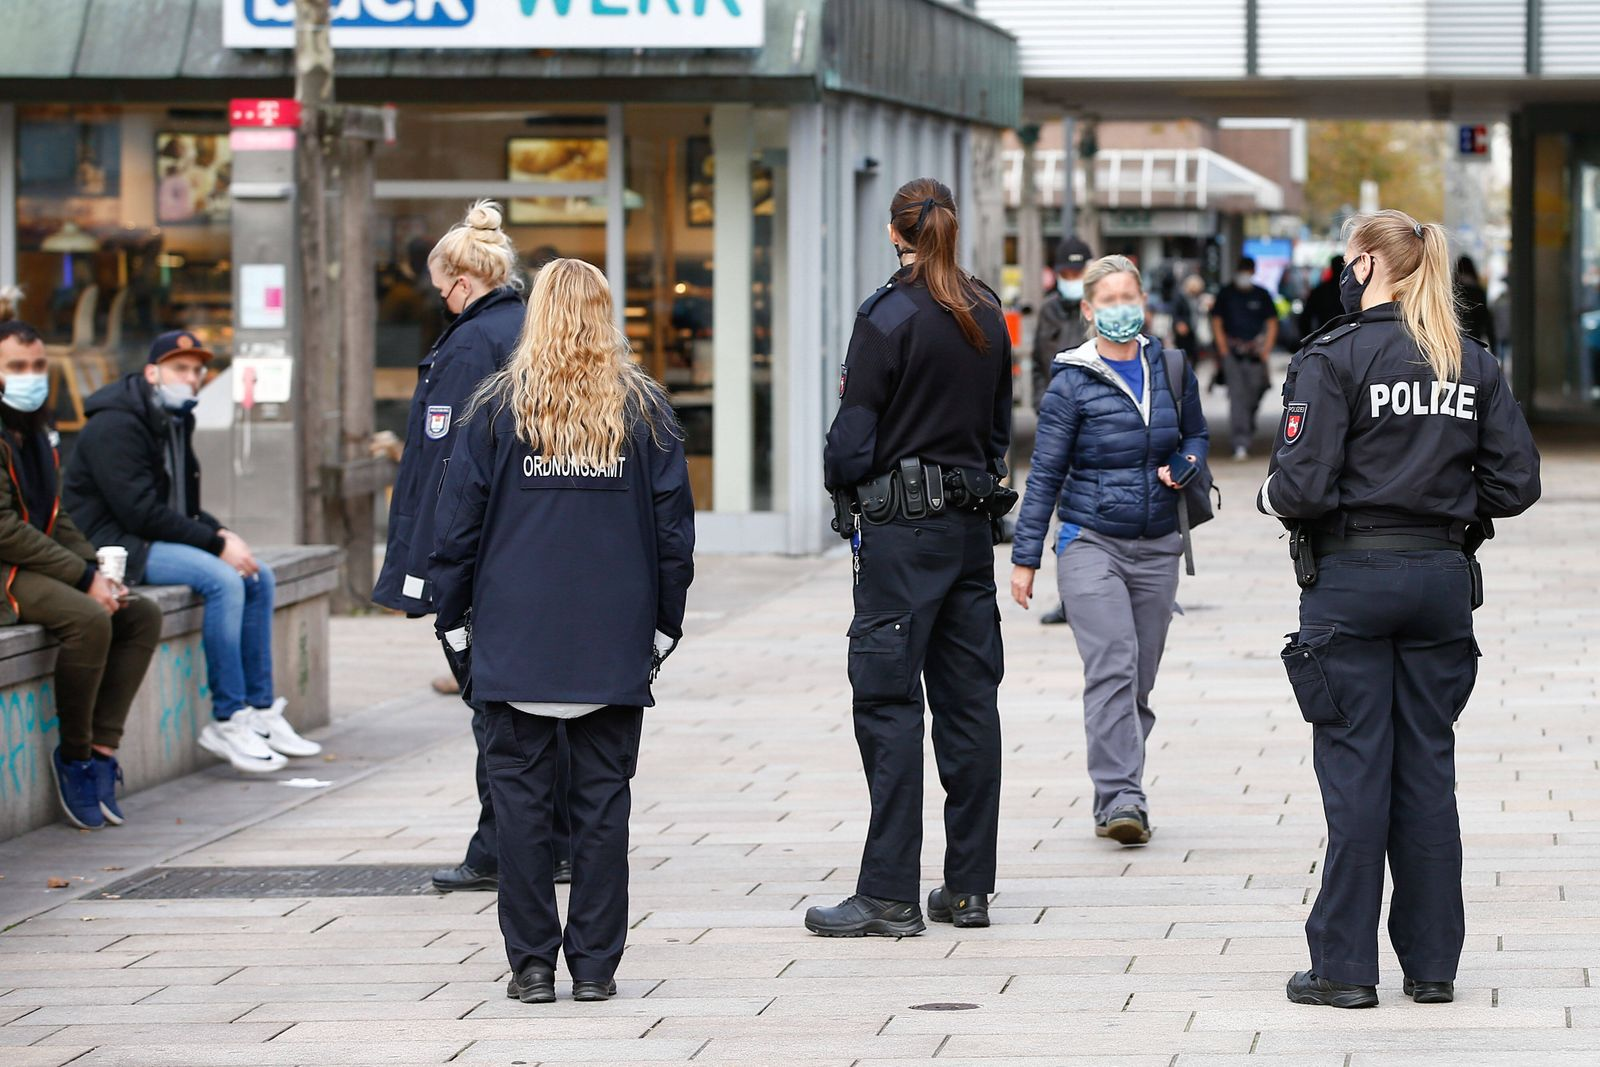 03.11.2020, xtgx, Symbolfotos Lockdown und Maskenpflicht in Wolfsburg. Polizei und Ordnungsamt kontrollieren, ob Masken